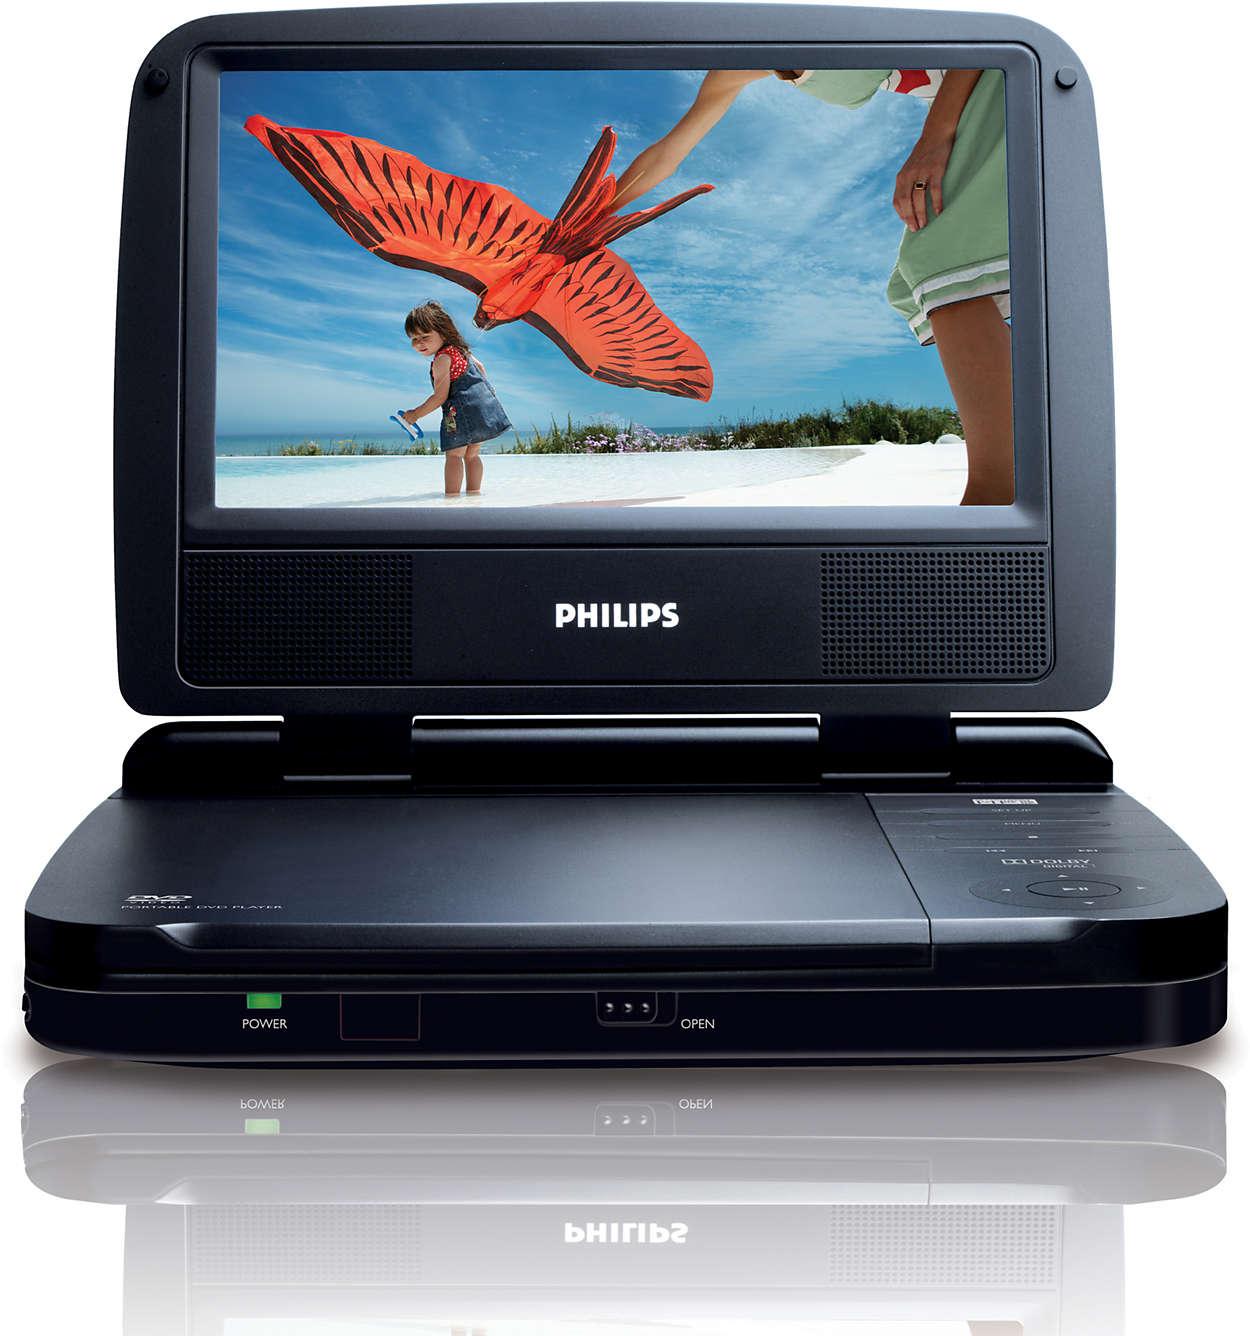 zubeh r f r tragbarer dvd player pet721d 12 philips. Black Bedroom Furniture Sets. Home Design Ideas